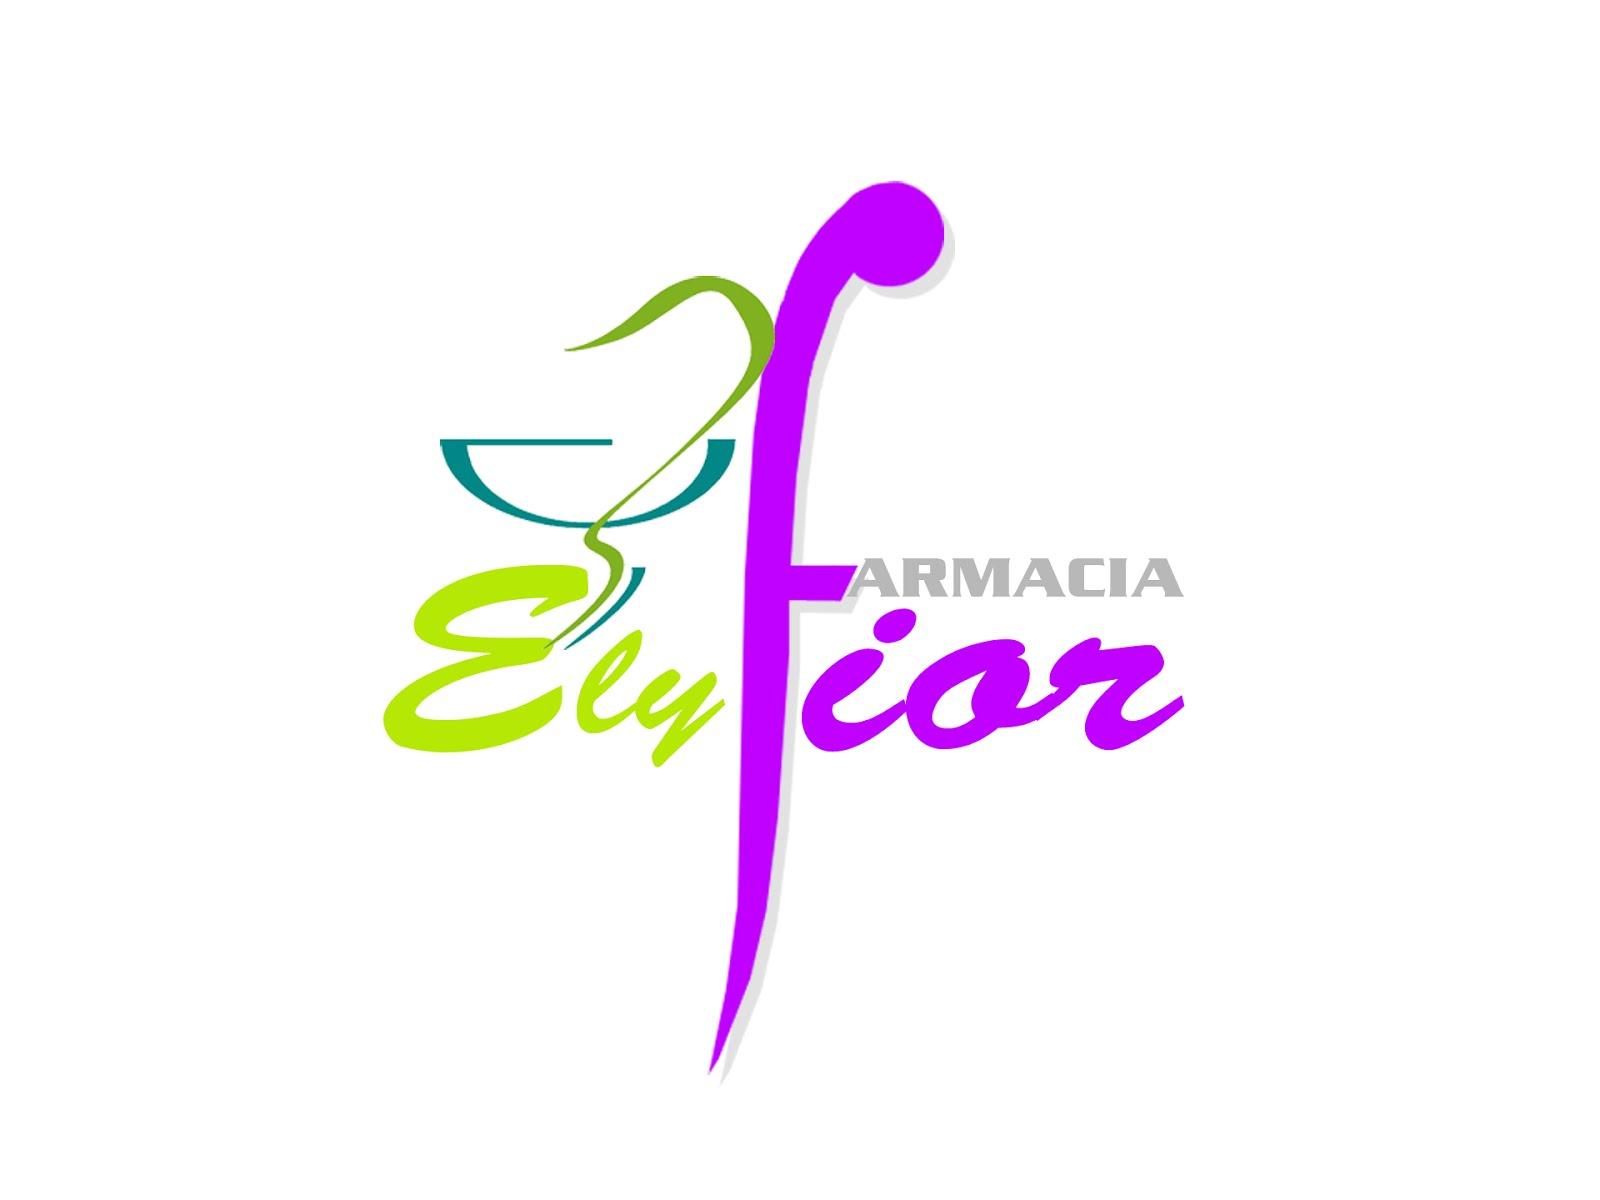 Farmacia Elyfior